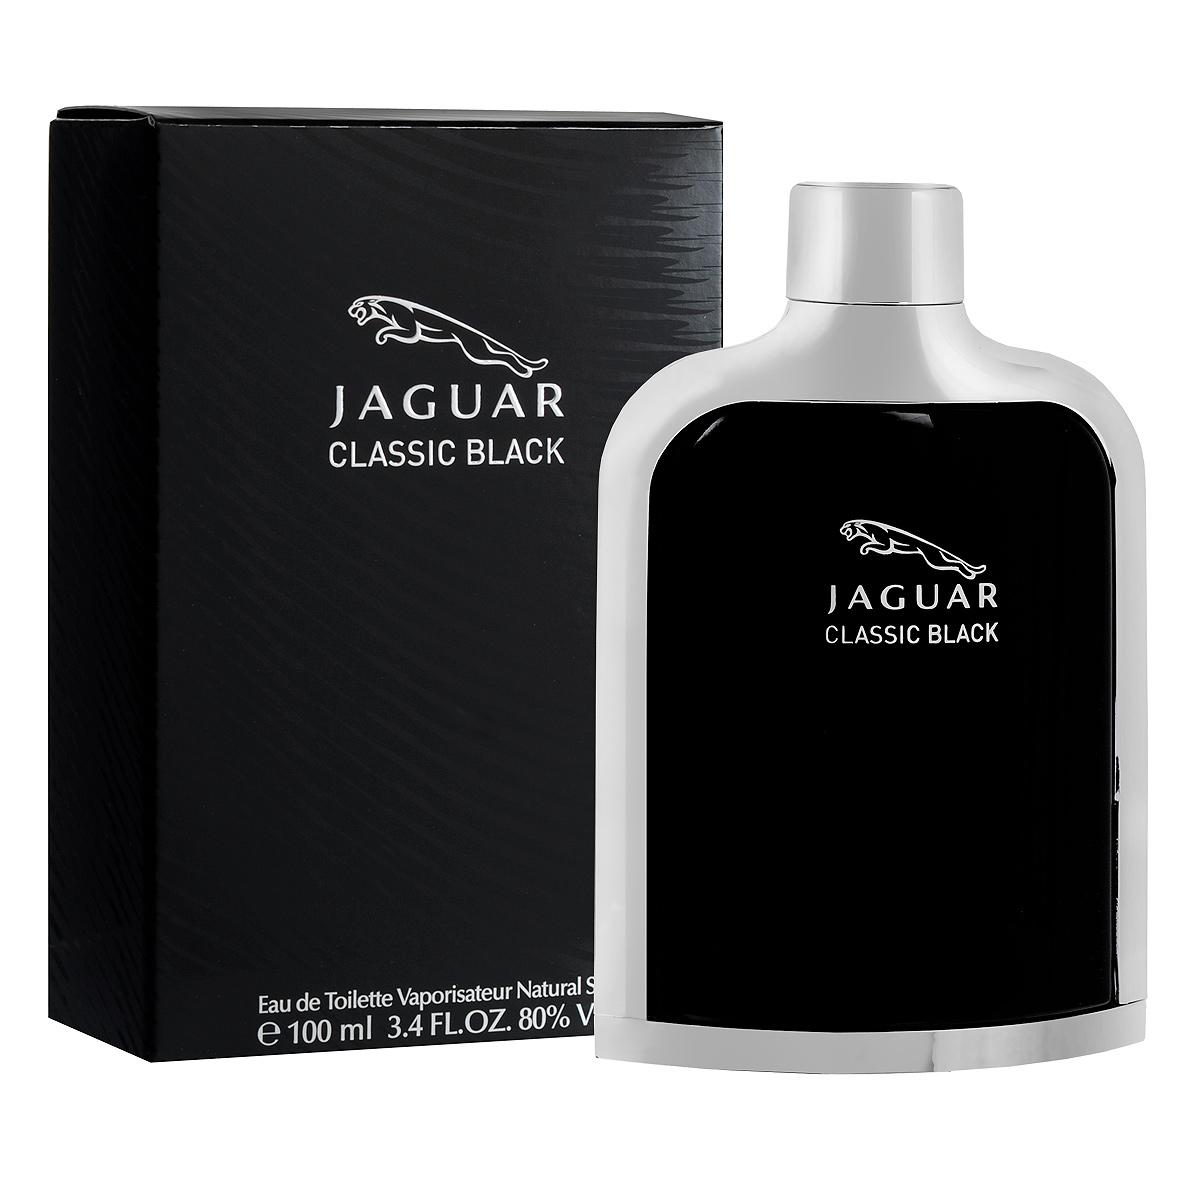 Jaguar Туалетная вода Classic Black, мужская, 100 млJ370314Туалетная вода Classic Black от Jaguar - изысканный роскошный аромат из коллекции Classic. Скорость и сдержанность, чувственность и сексуальность привлекают и интересуют настоящих мужчин, пользующихся успехом как у женщин, так и в кругу друзей, коллег и деловых партнеров. Классификация аромата : восточно-фужерный. Пирамида аромата : Верхние ноты: горький апельсин, мандарин, зеленое яблоко. Ноты сердца: герань, кардамон, чай, морская вода, мускатный орех. Ноты шлейфа: ветивер, сандаловое дерево, дубовый мох, кедр, тонка бобы, белый мускус. Ключевые слова Динамичный, экспрессивный!